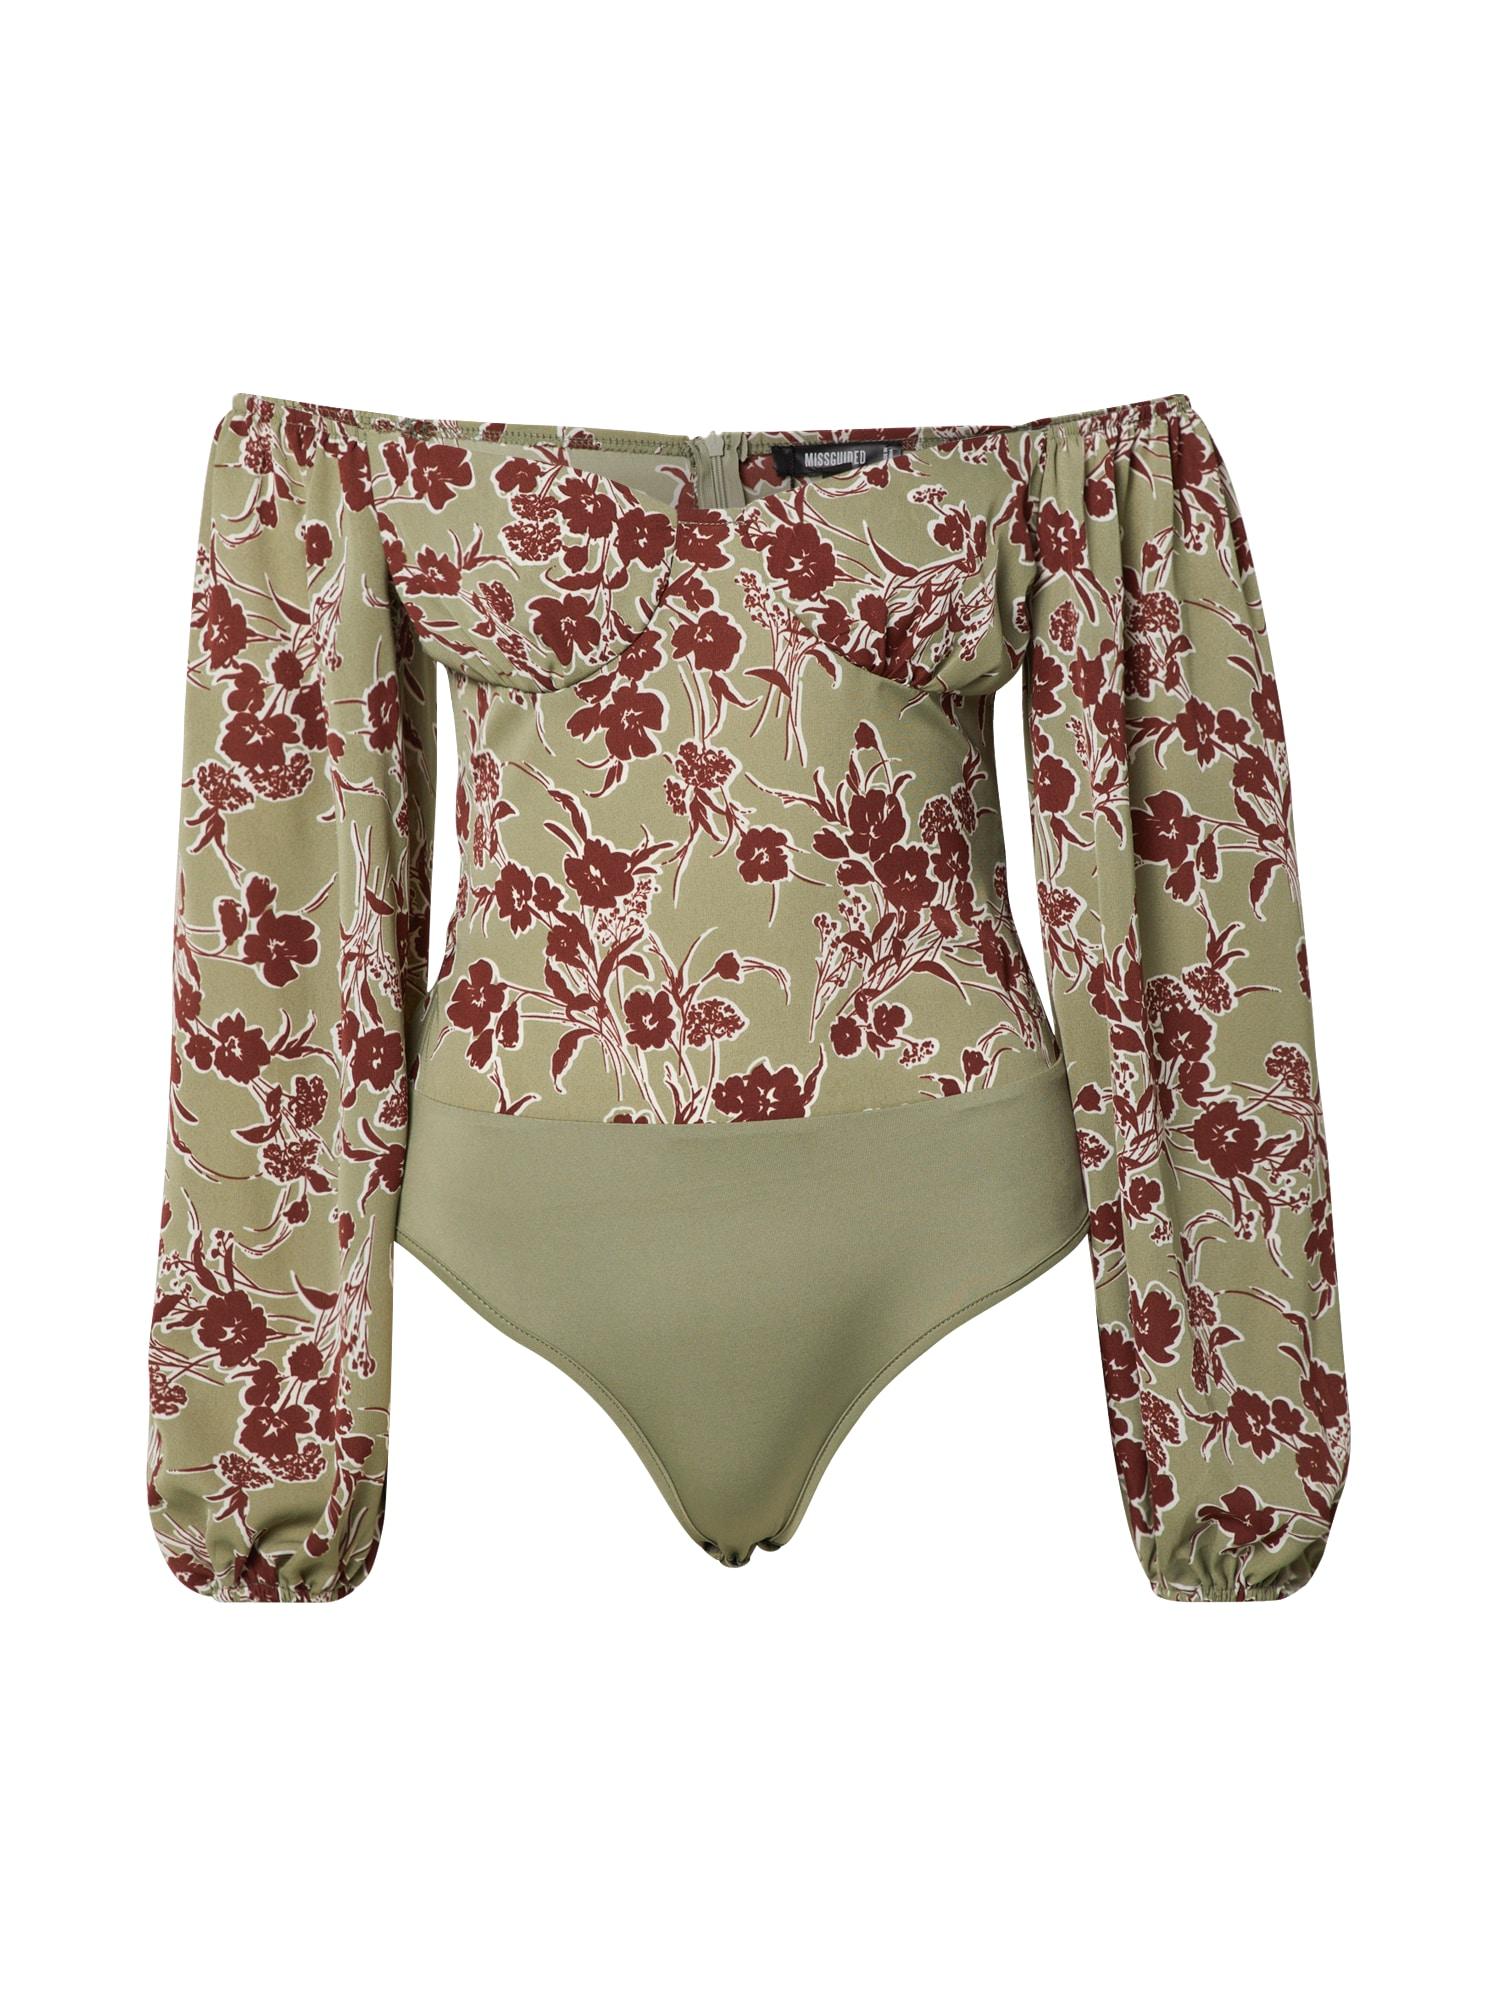 Missguided Marškinėliai-glaustinukė 'Floral Milkmaid' rusvai žalia / vyno raudona spalva